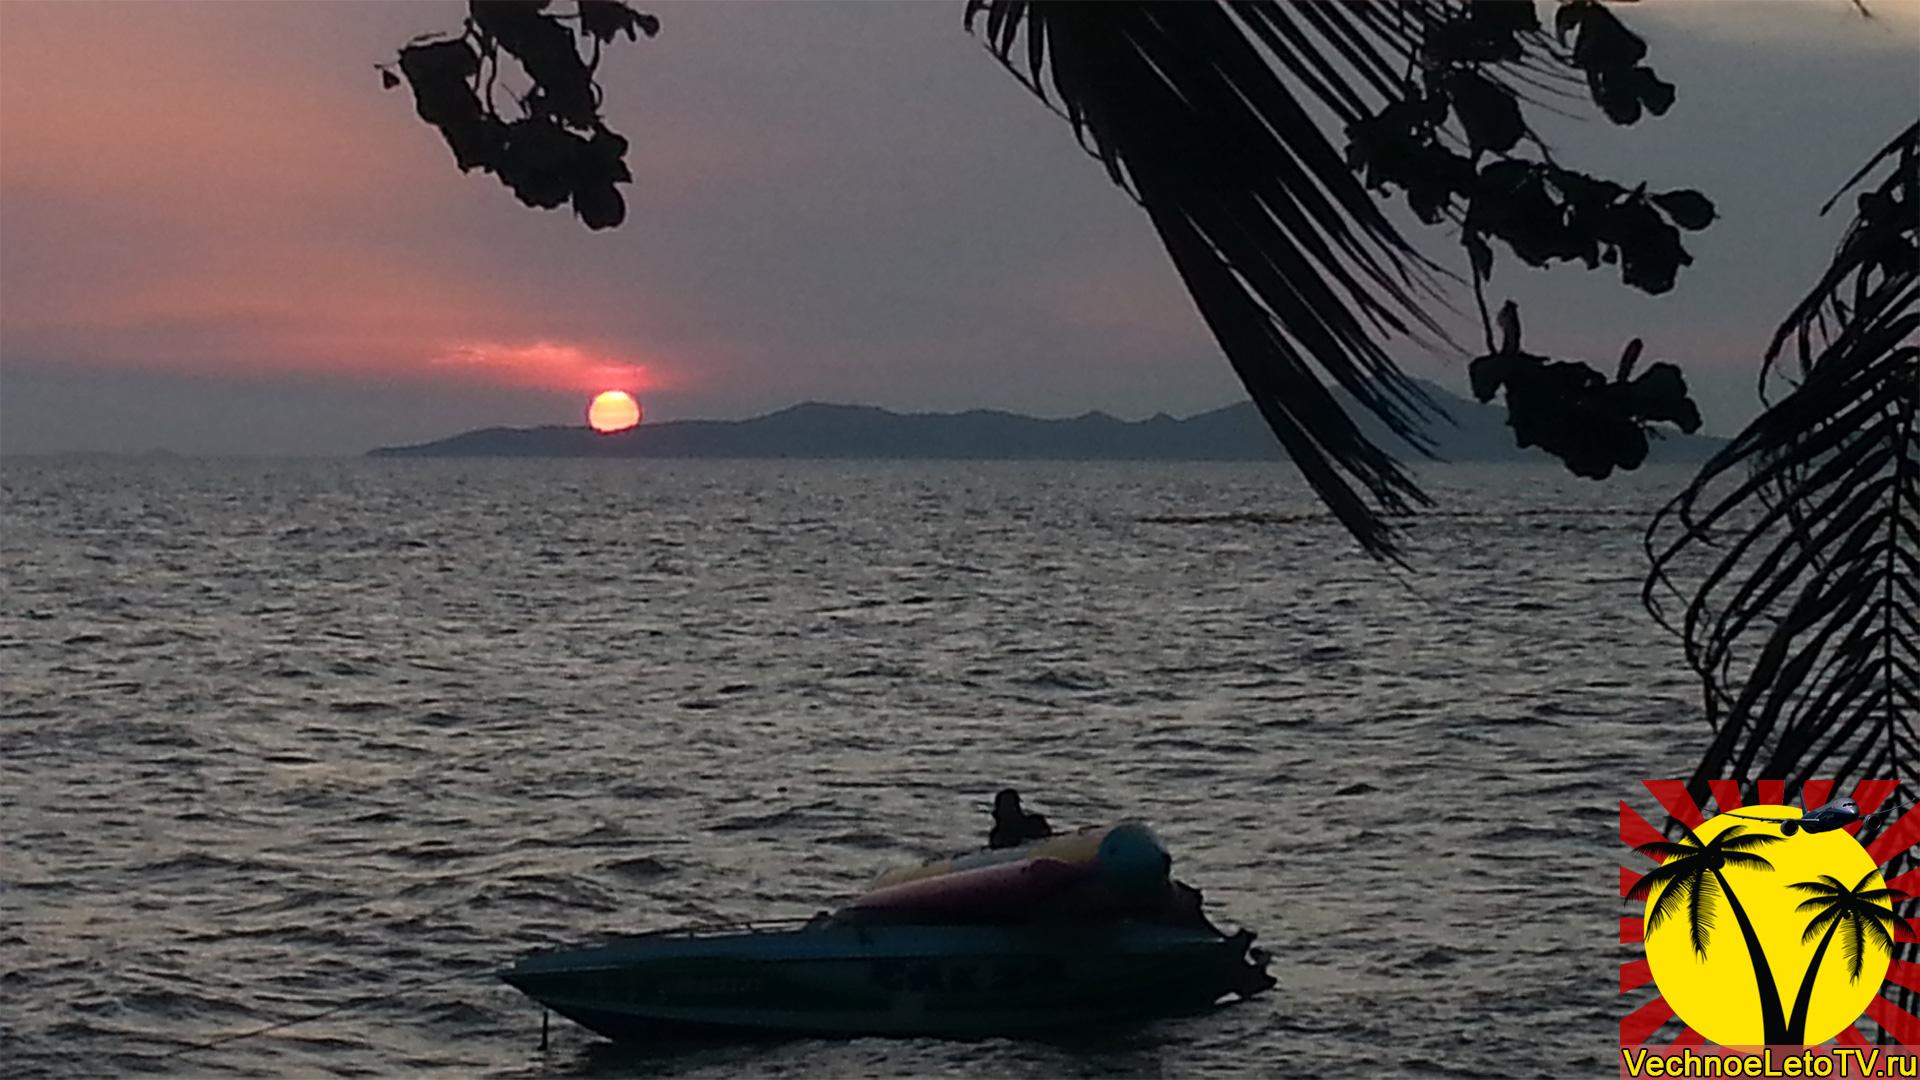 Рано-темнее-в-Тайланде